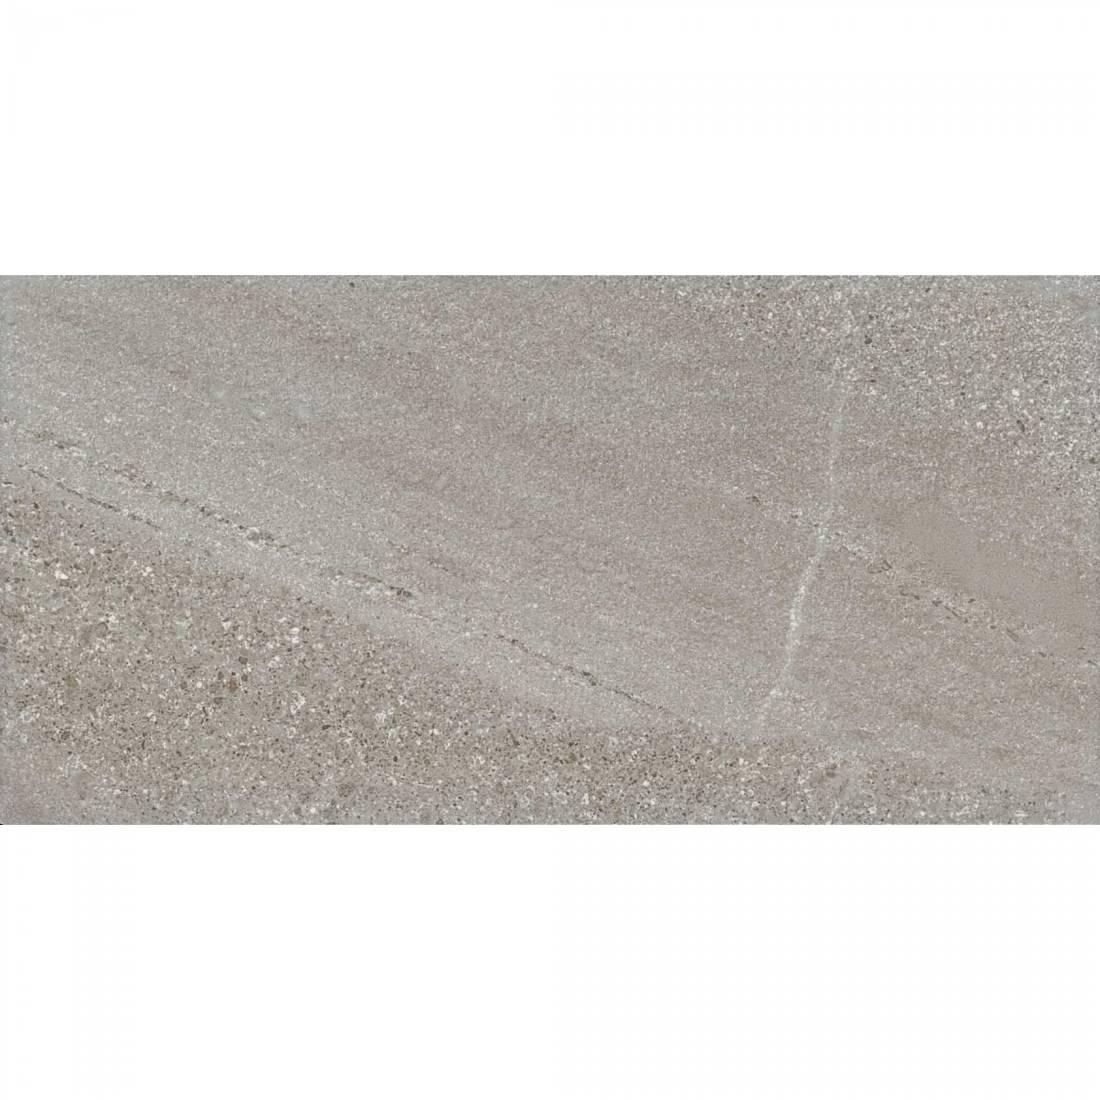 Zen 30x60 Grigio Gloss 1